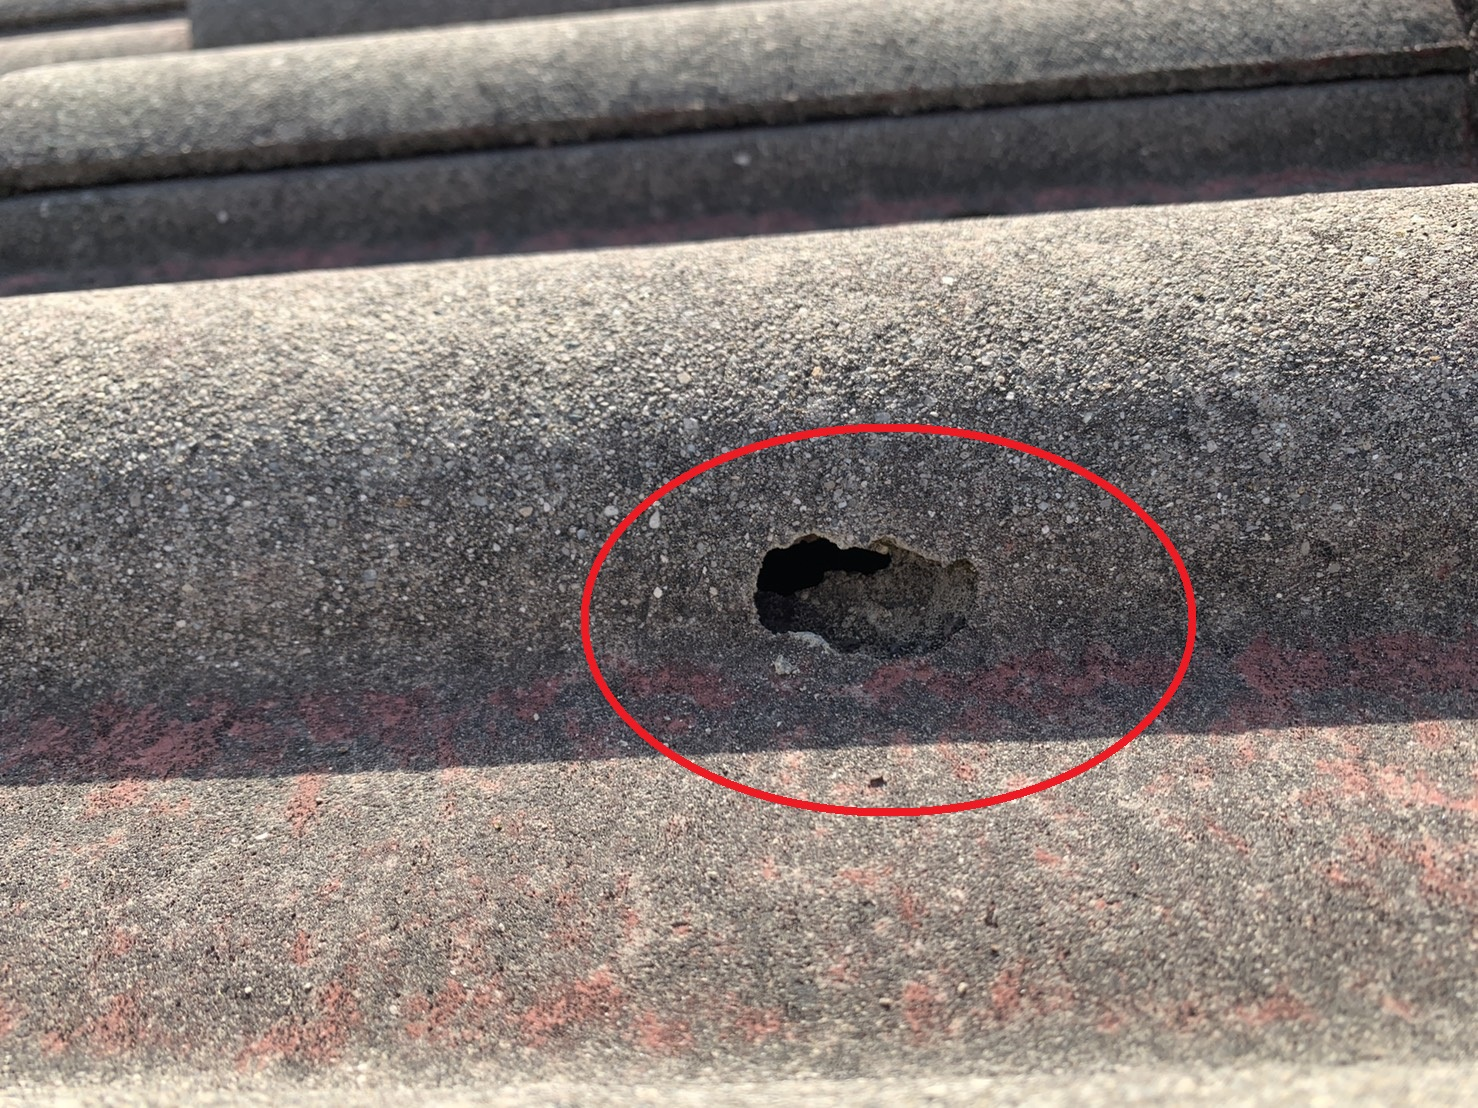 セメント瓦屋根に開いた穴